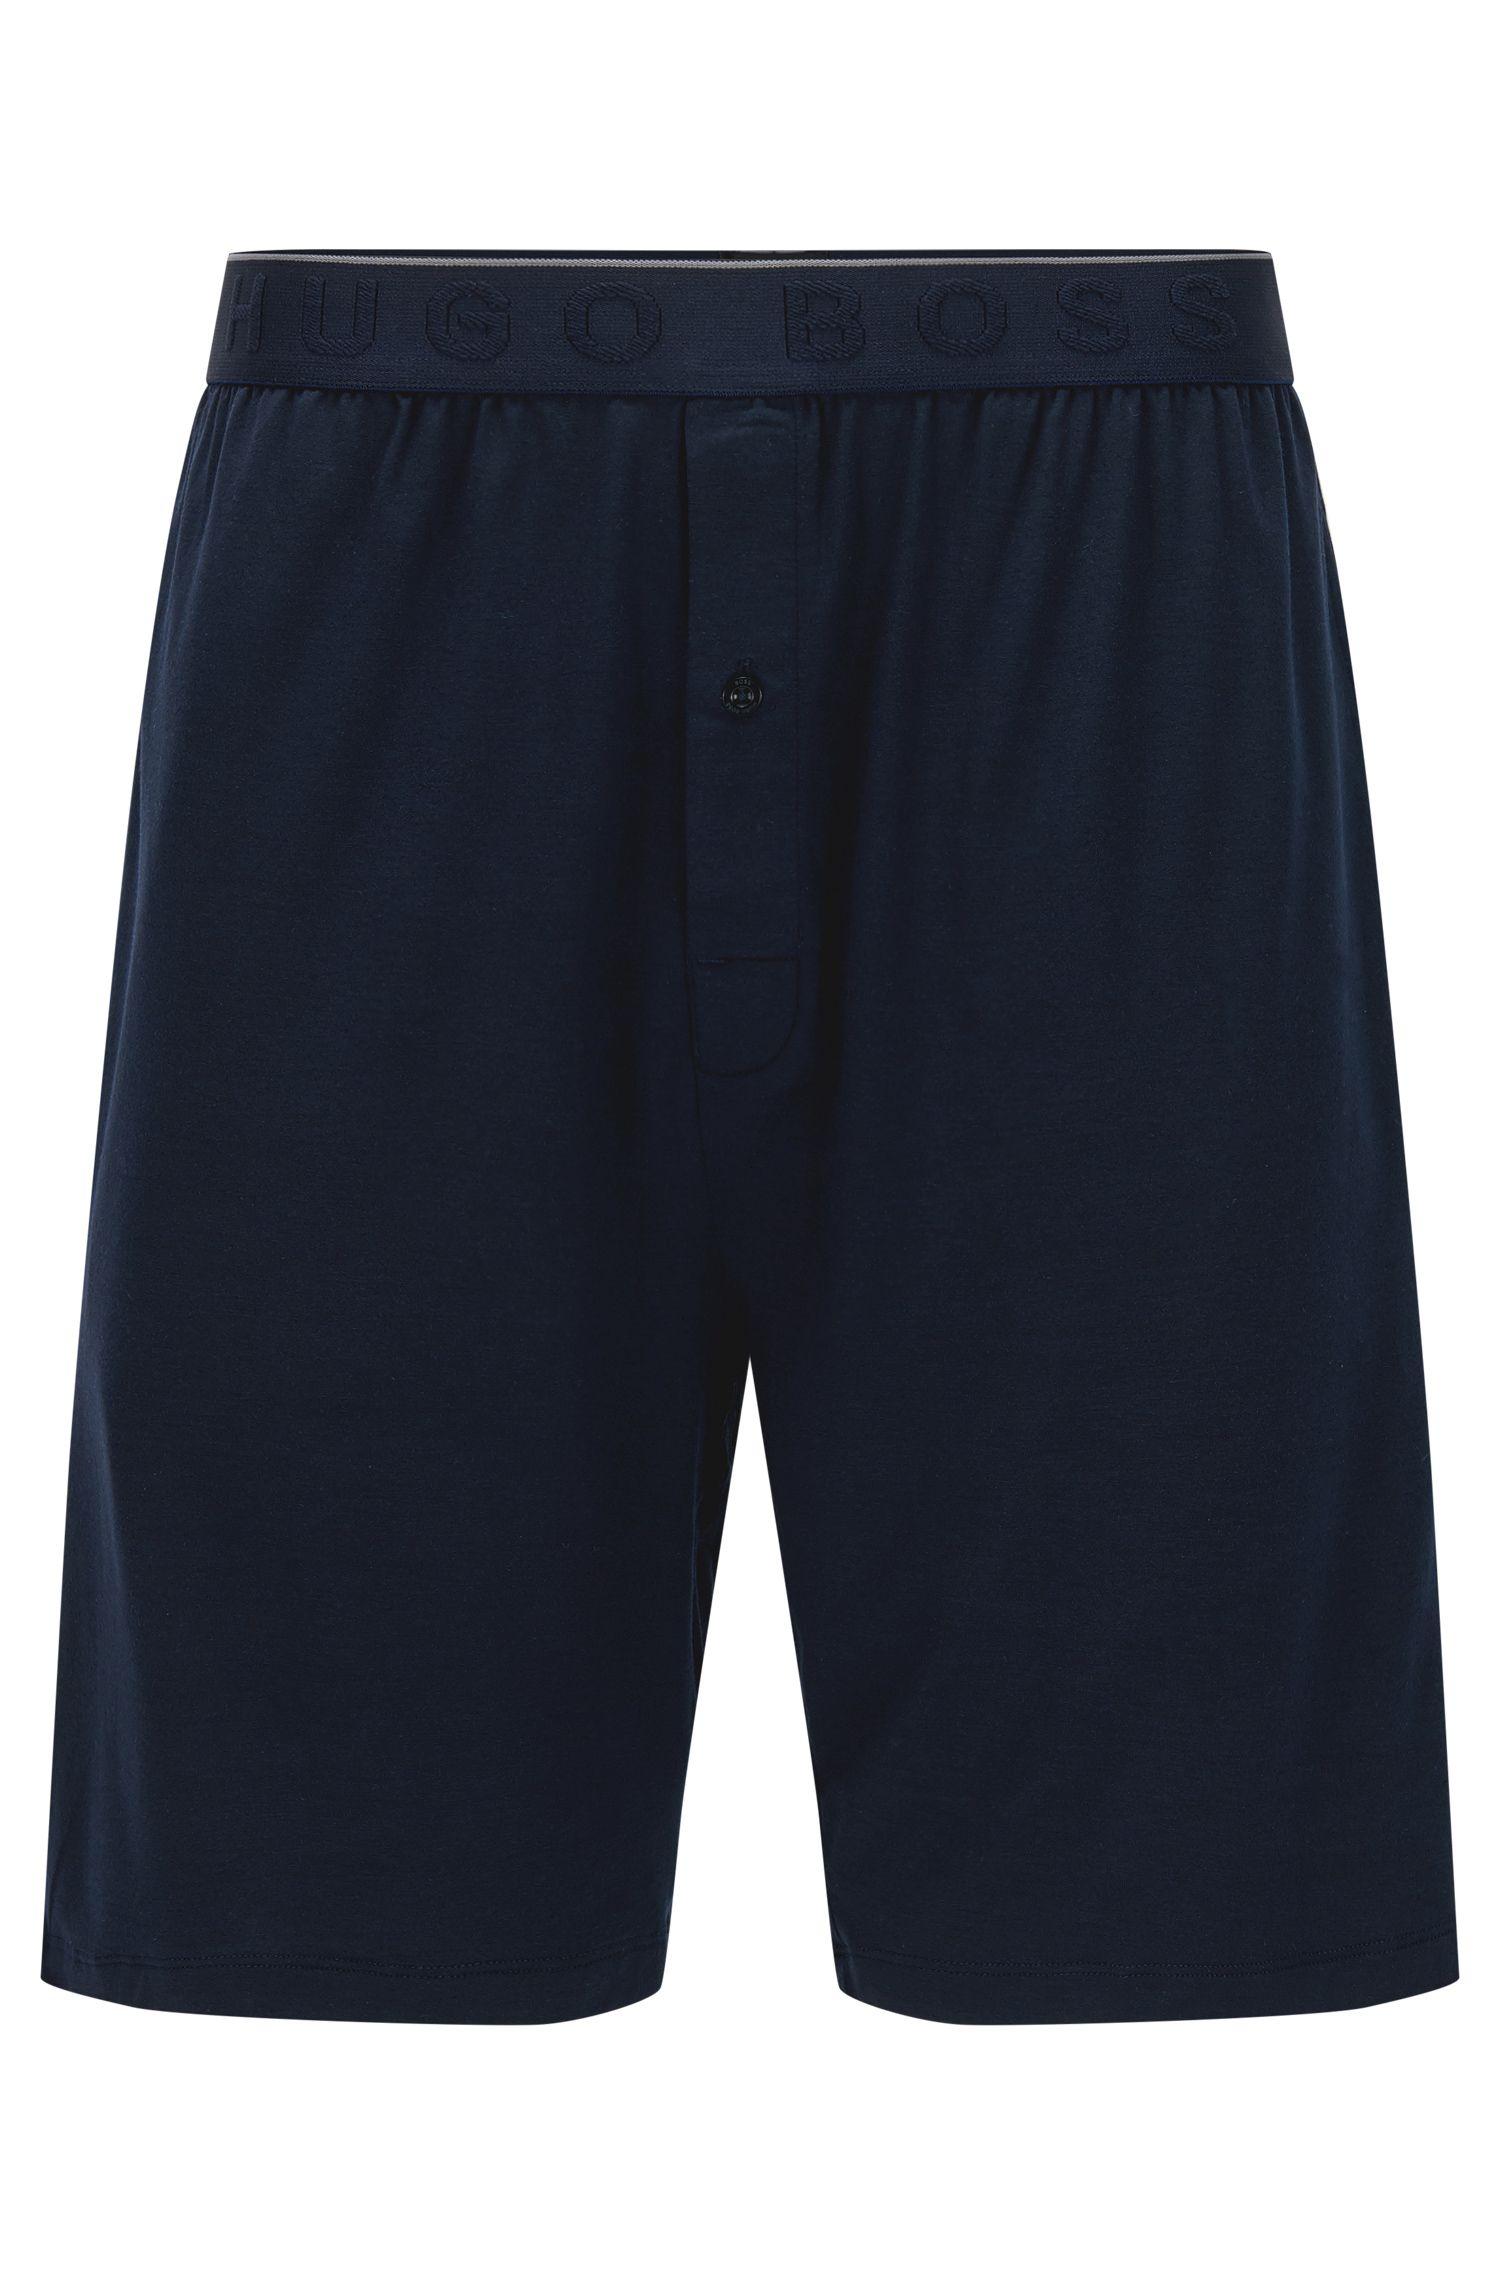 Shorts de pijama en mezcla de modal elástico con tecnología SeaCell: 'Short Pant EW'